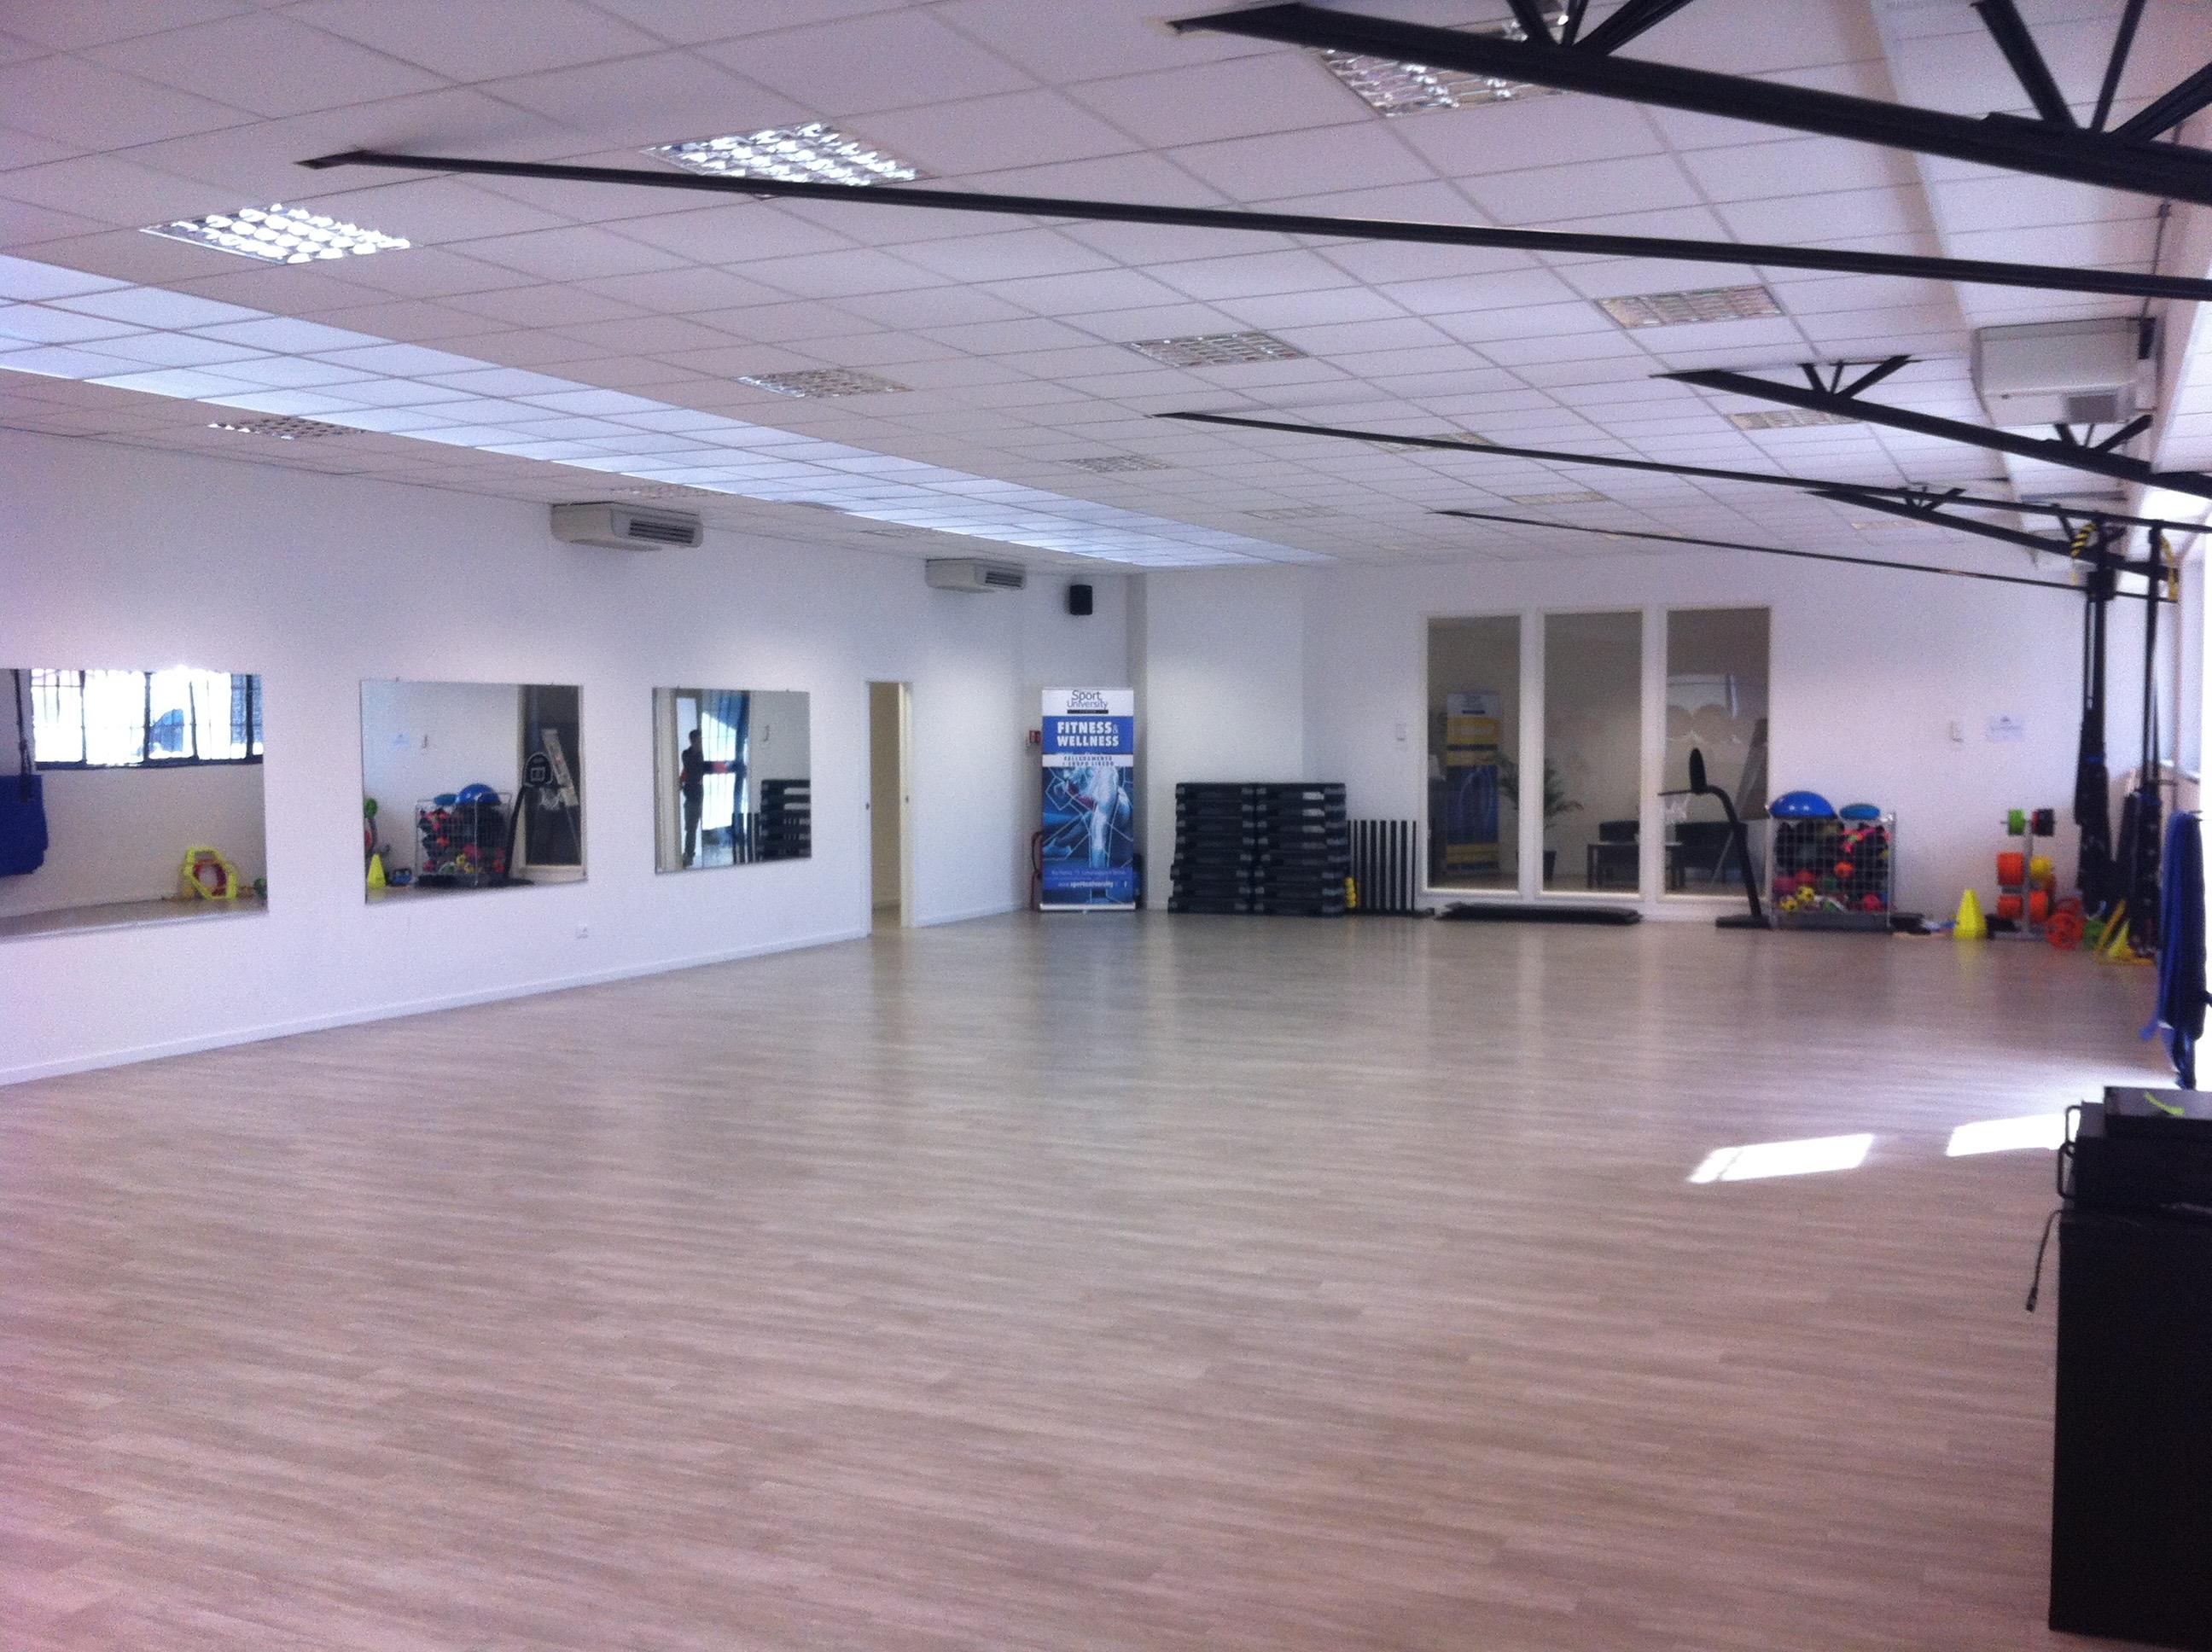 Sport University Center